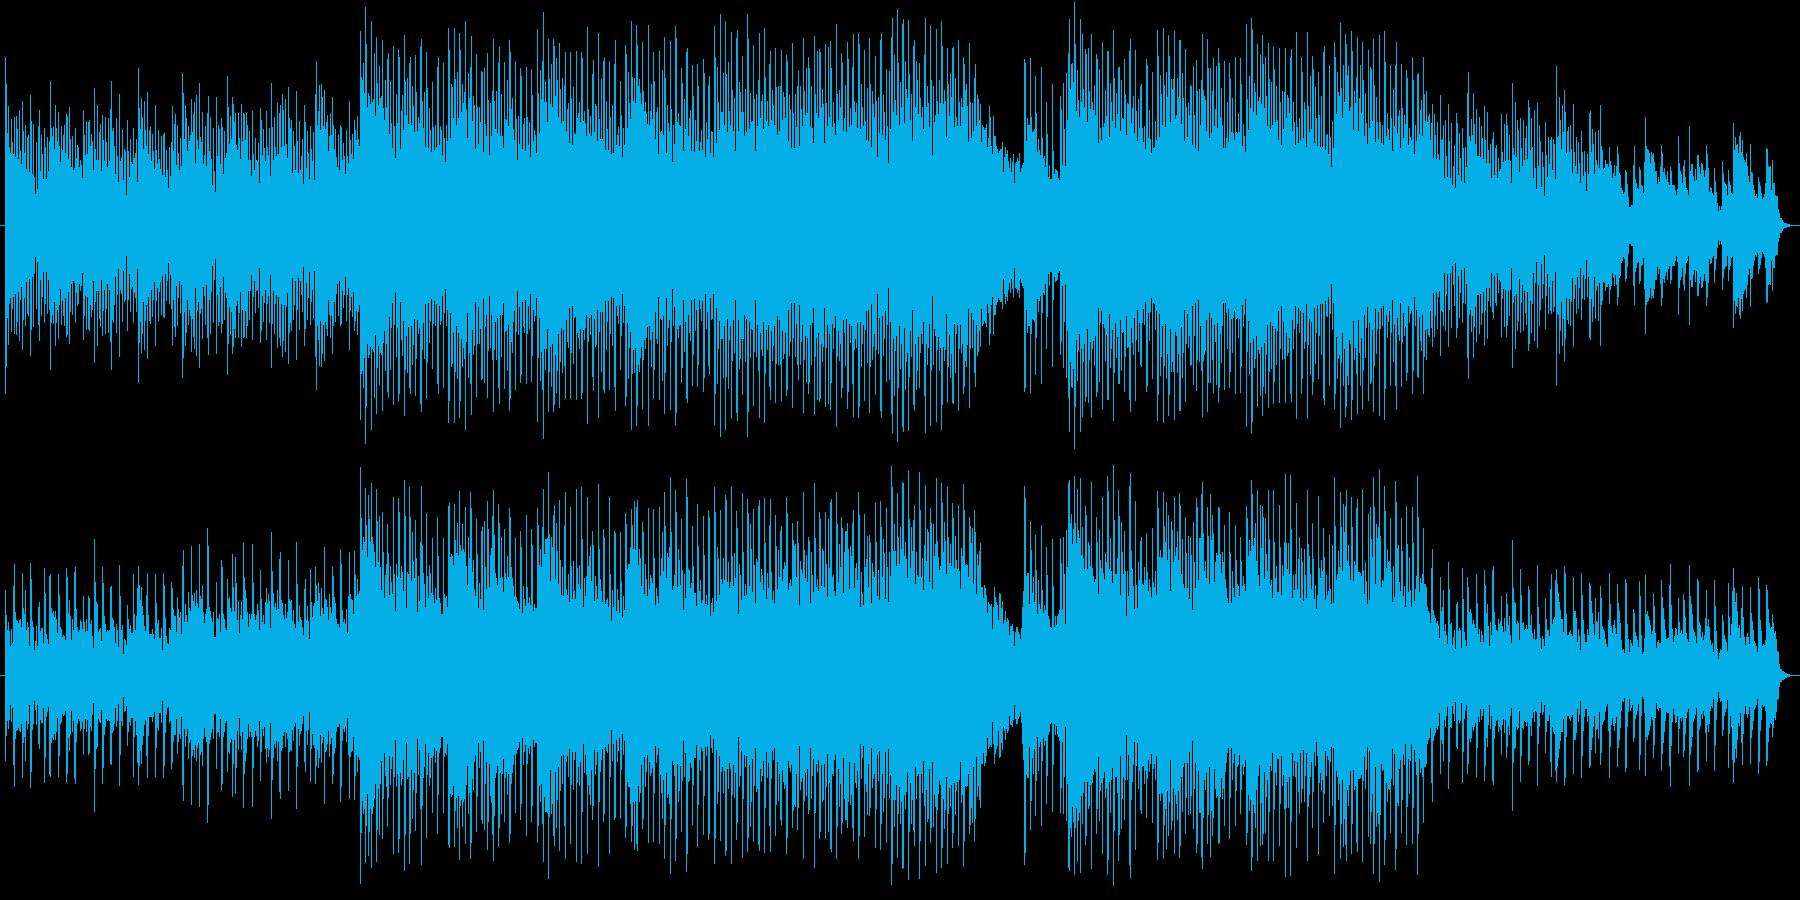 前向きで明るいポップスの再生済みの波形